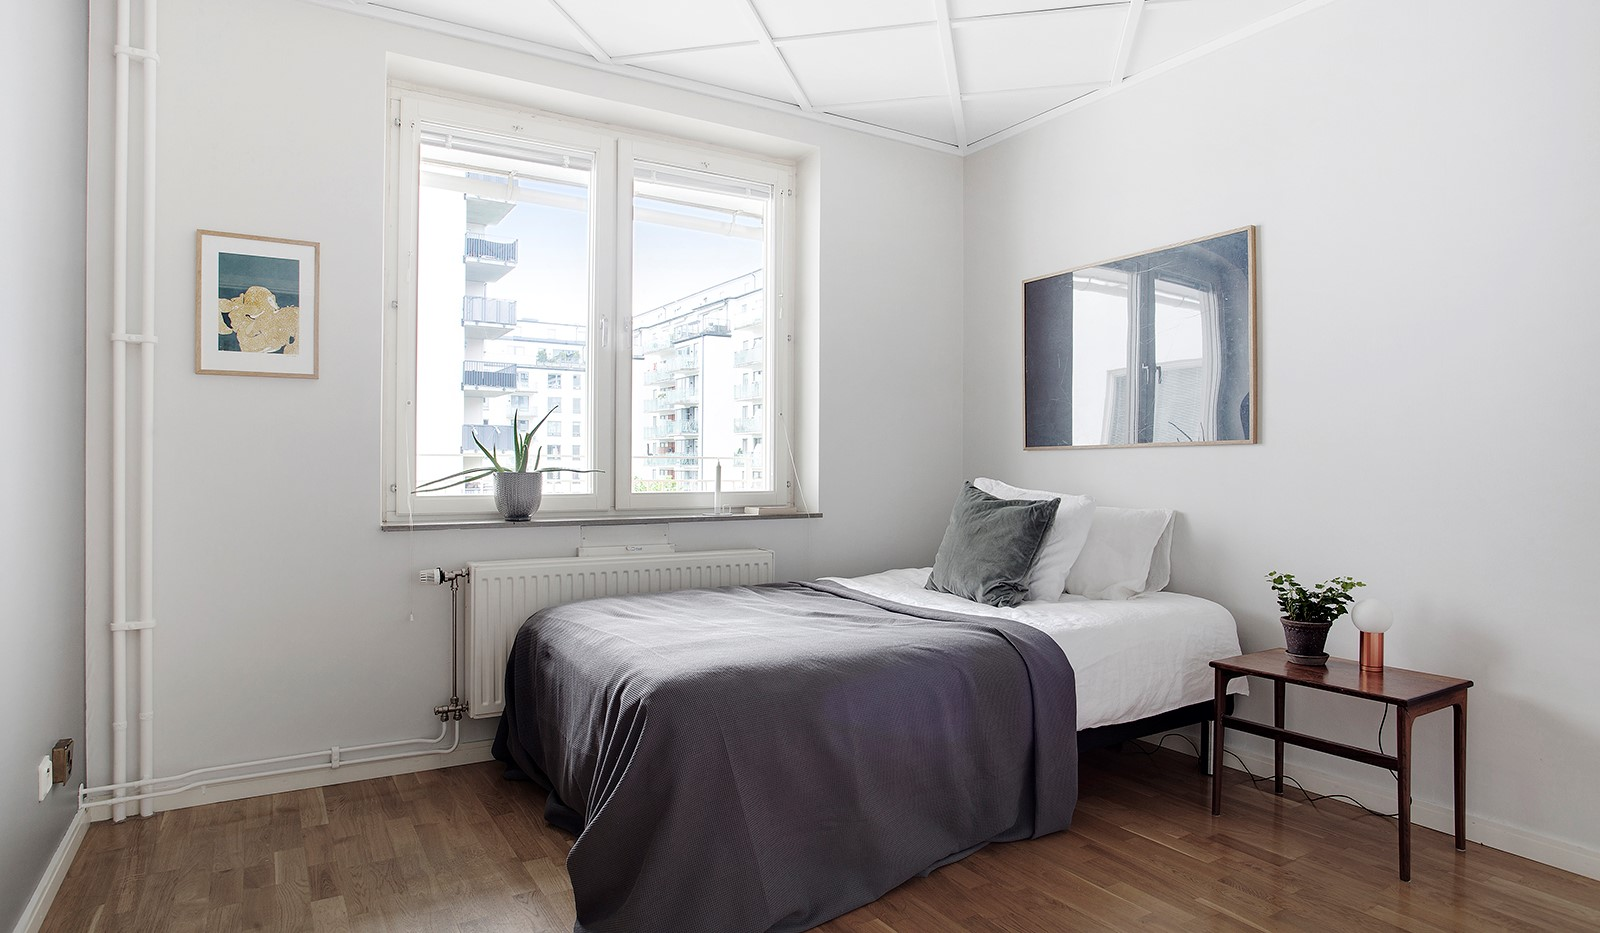 Åsögatan 106 - Sovrum 3 - med gårdsläge.